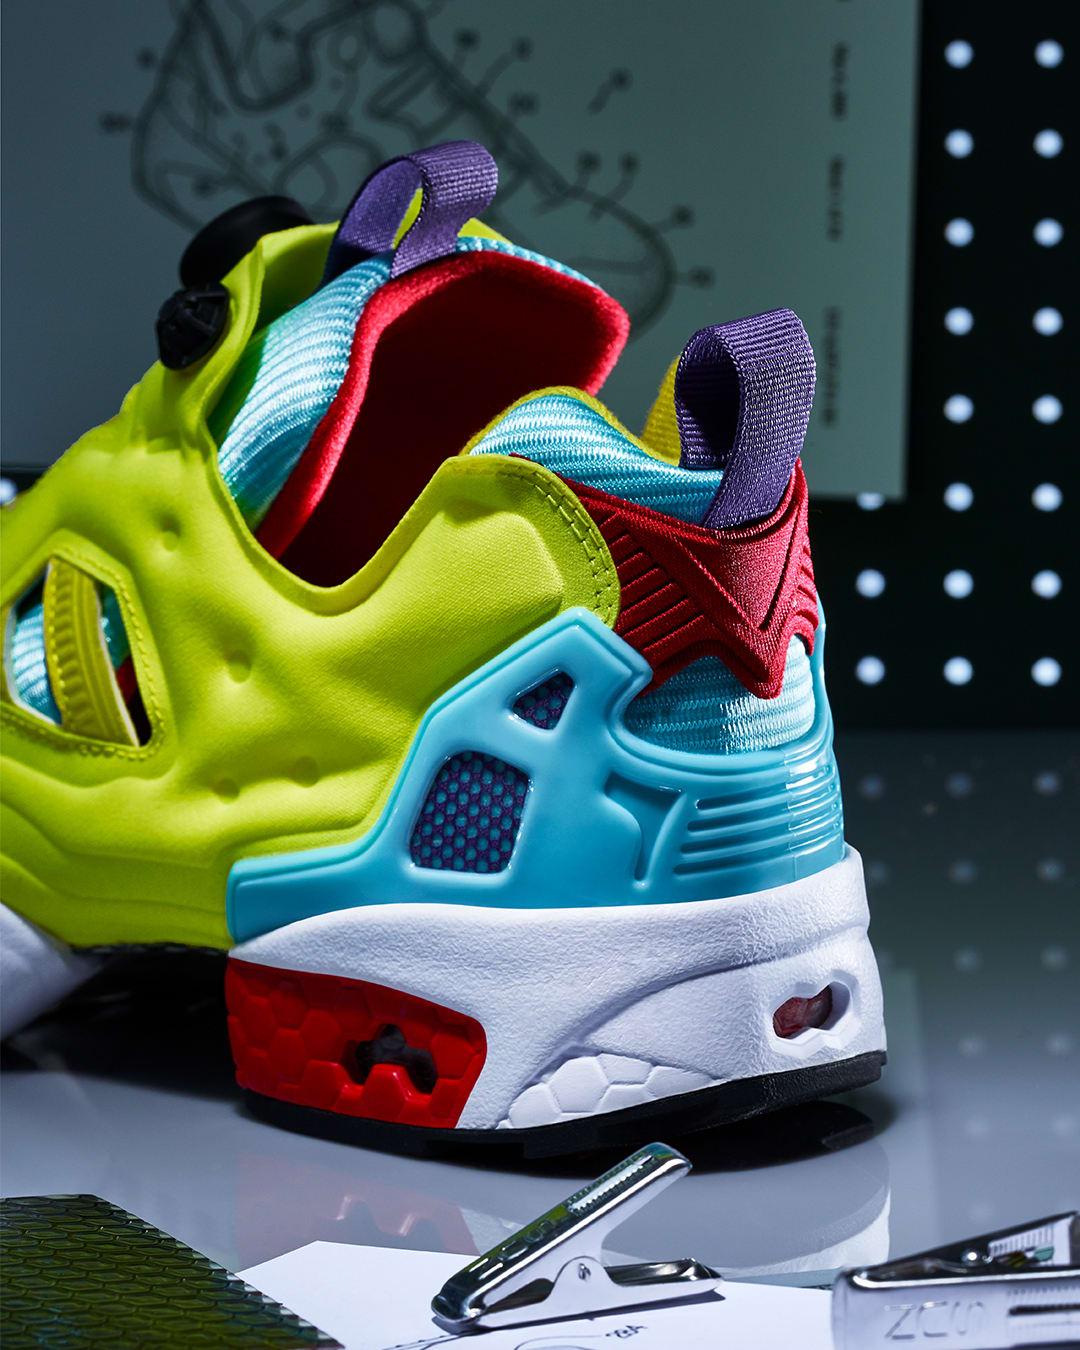 Adidas x Reebok ZX Pump Heel